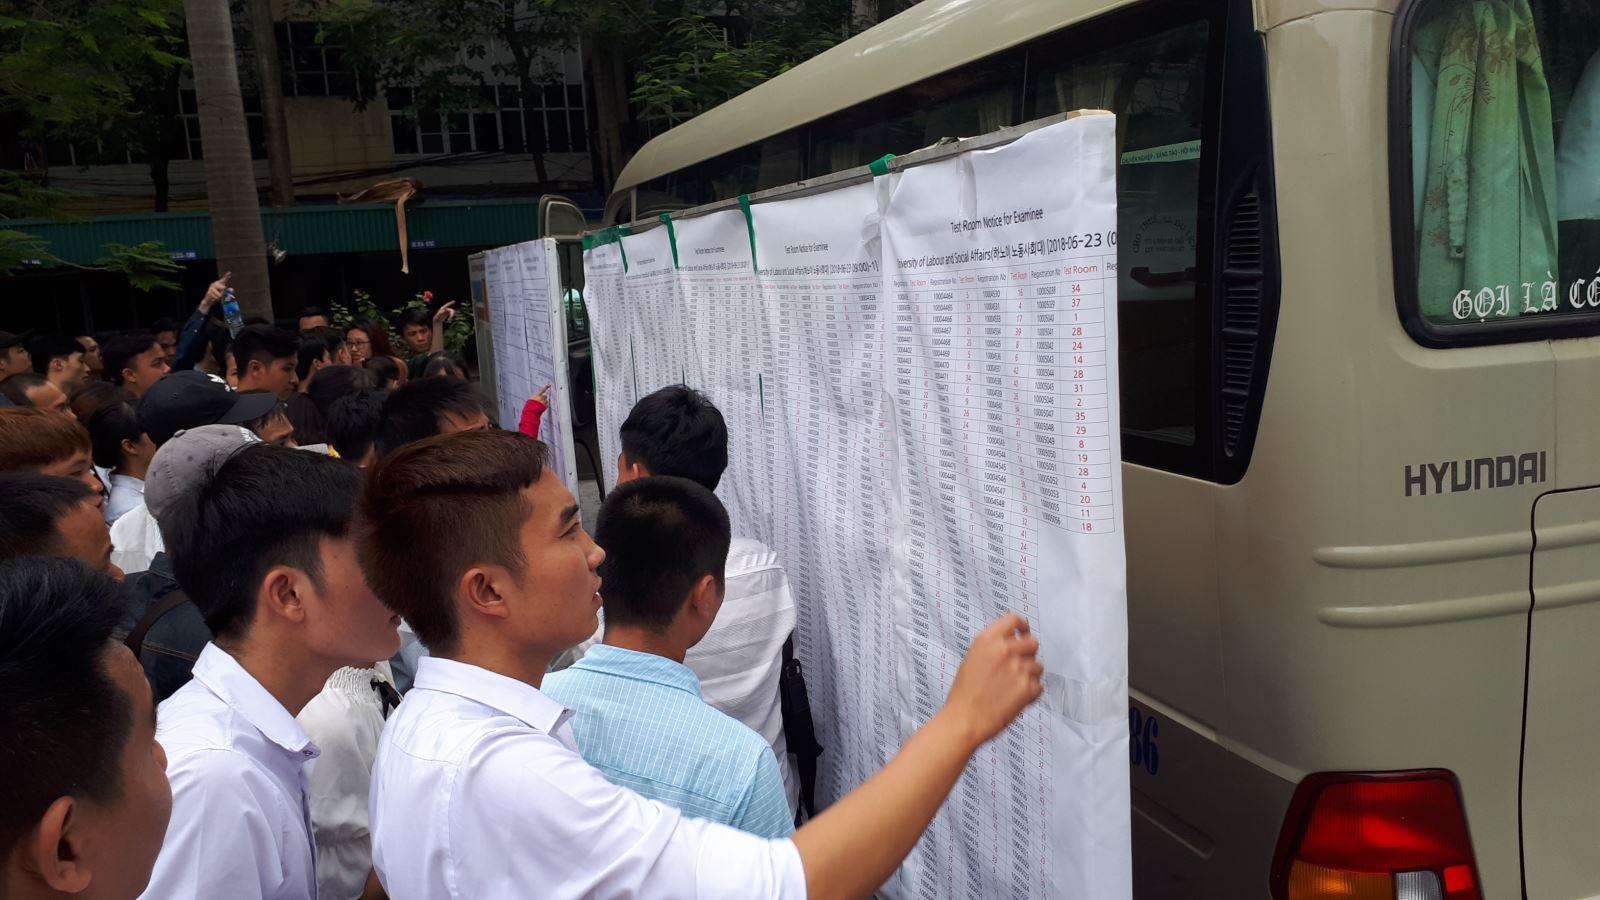 40 quận, huyện phải tạm dừng tuyển lao động đi làm việc tại Hàn Quốc - Ảnh 1.